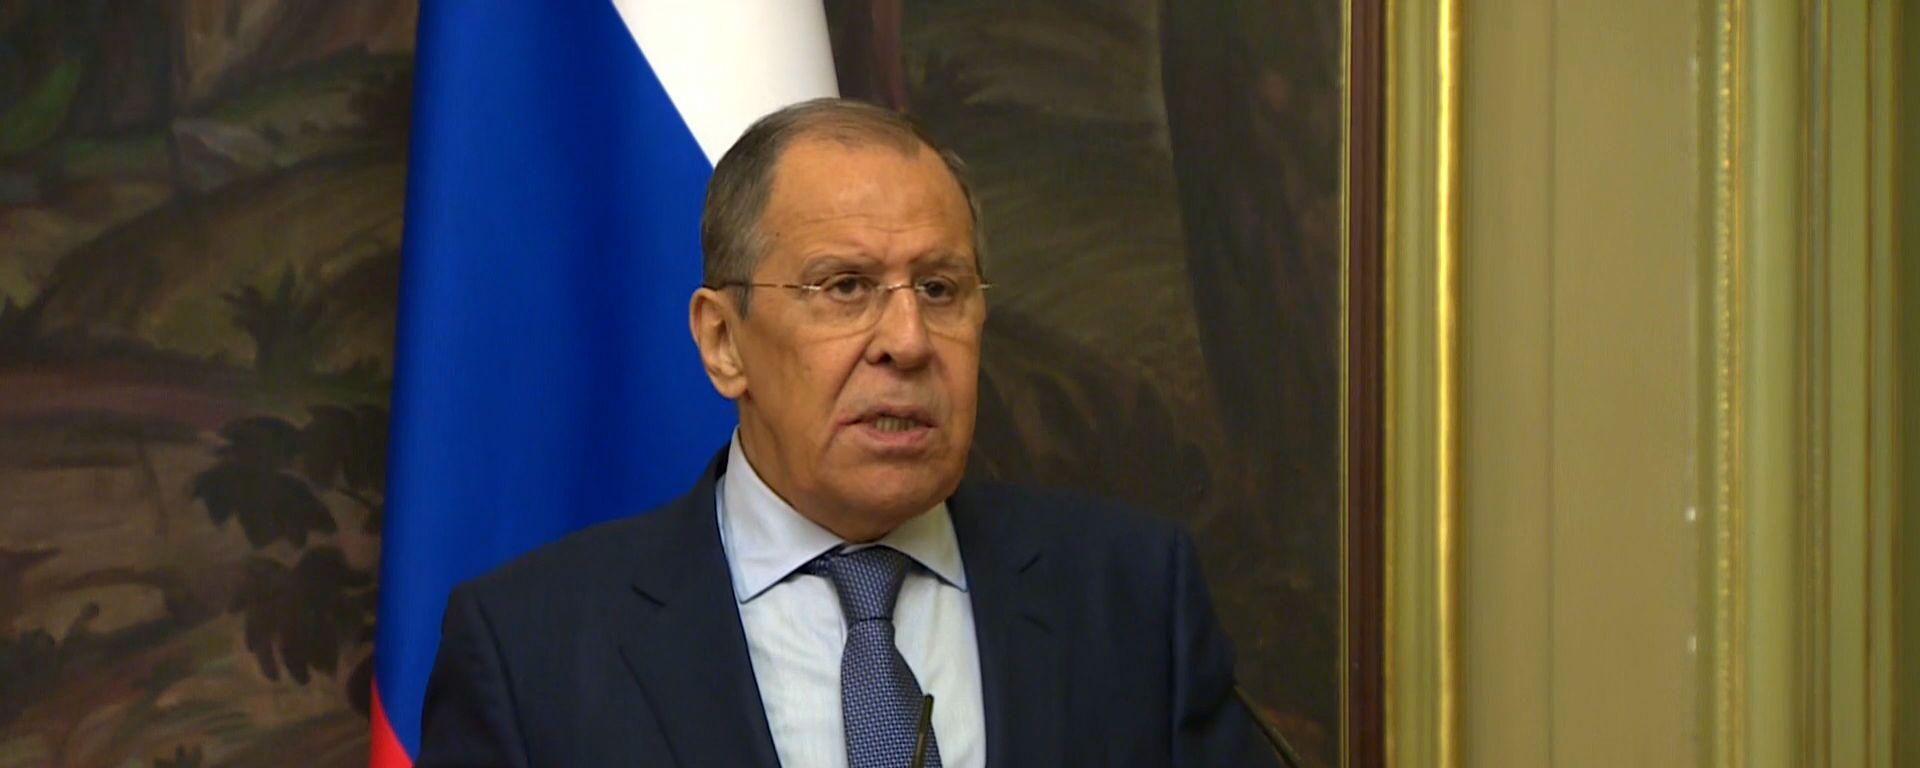 Lavrovs nosaucis svarīgu nosacījumu dialoga atsākšanai ar Eiropas Savienību - Sputnik Latvija, 1920, 01.06.2021